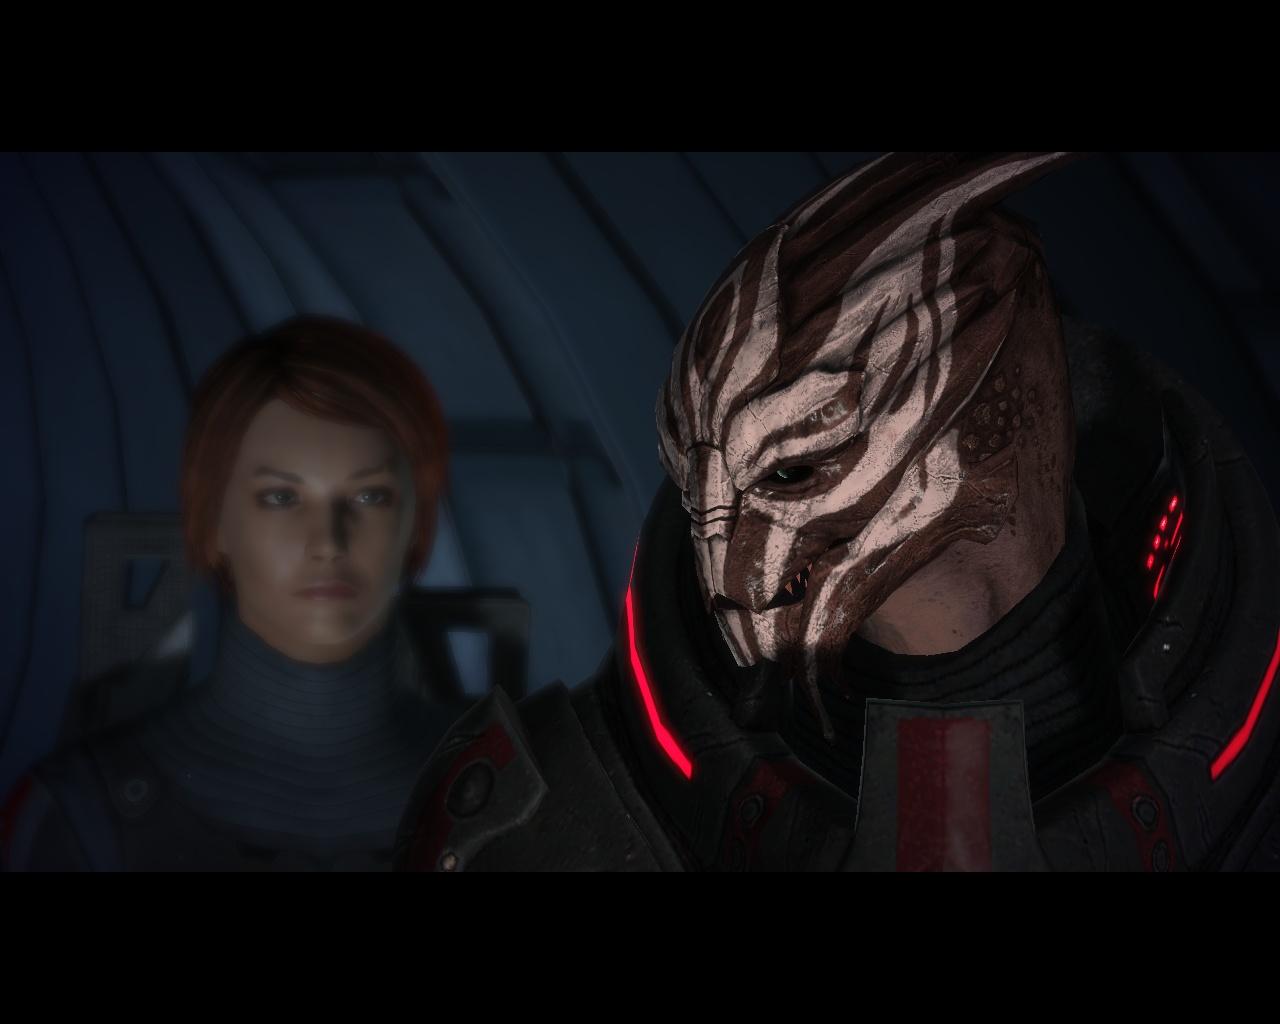 http://image.jeuxvideo.com/images/pc/m/a/maefpc084.jpg